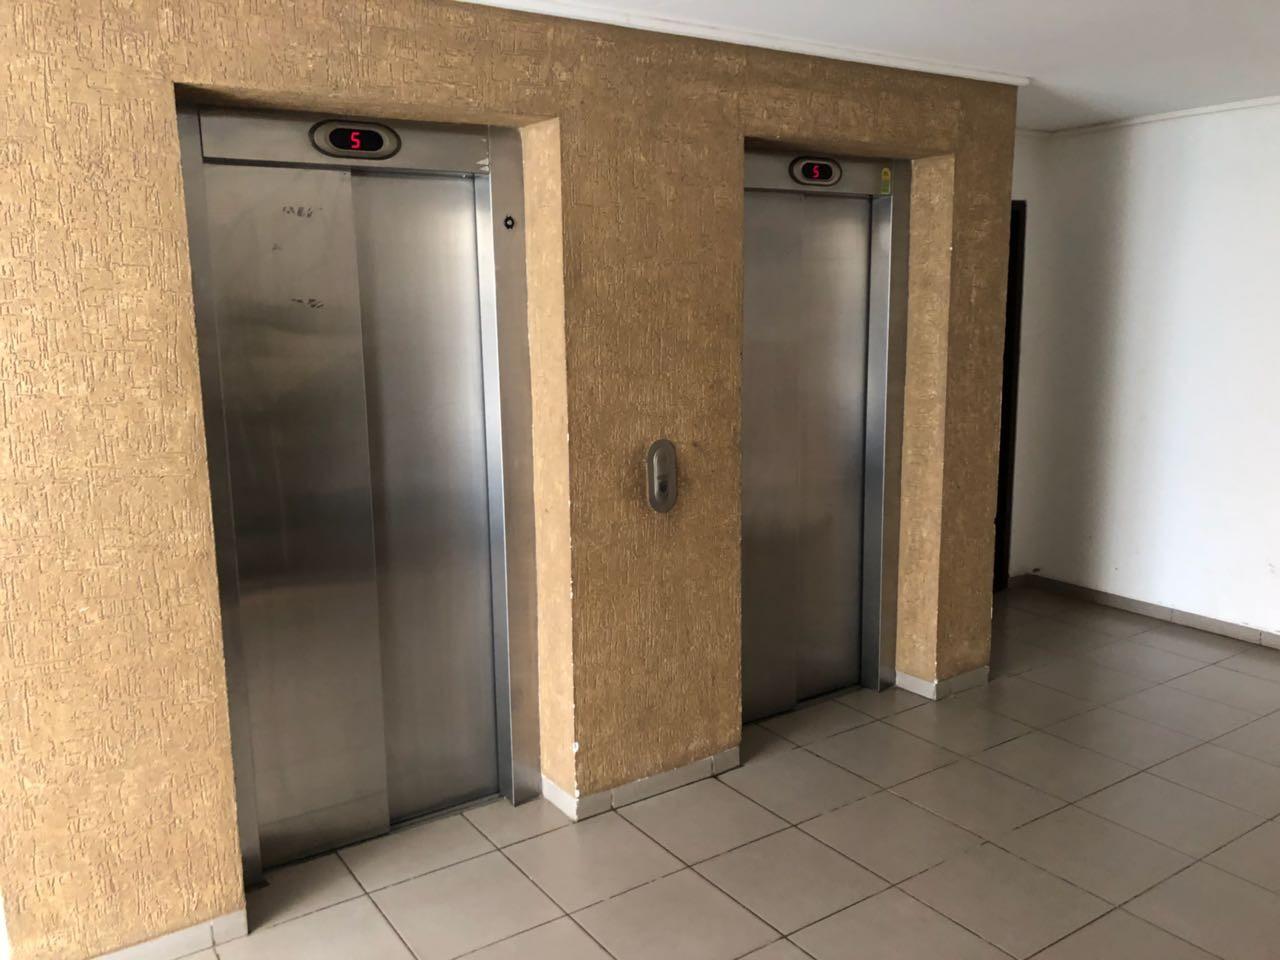 Departamento en Venta Amplio Dept. de 3 habit. y 3 baños  Foto 1